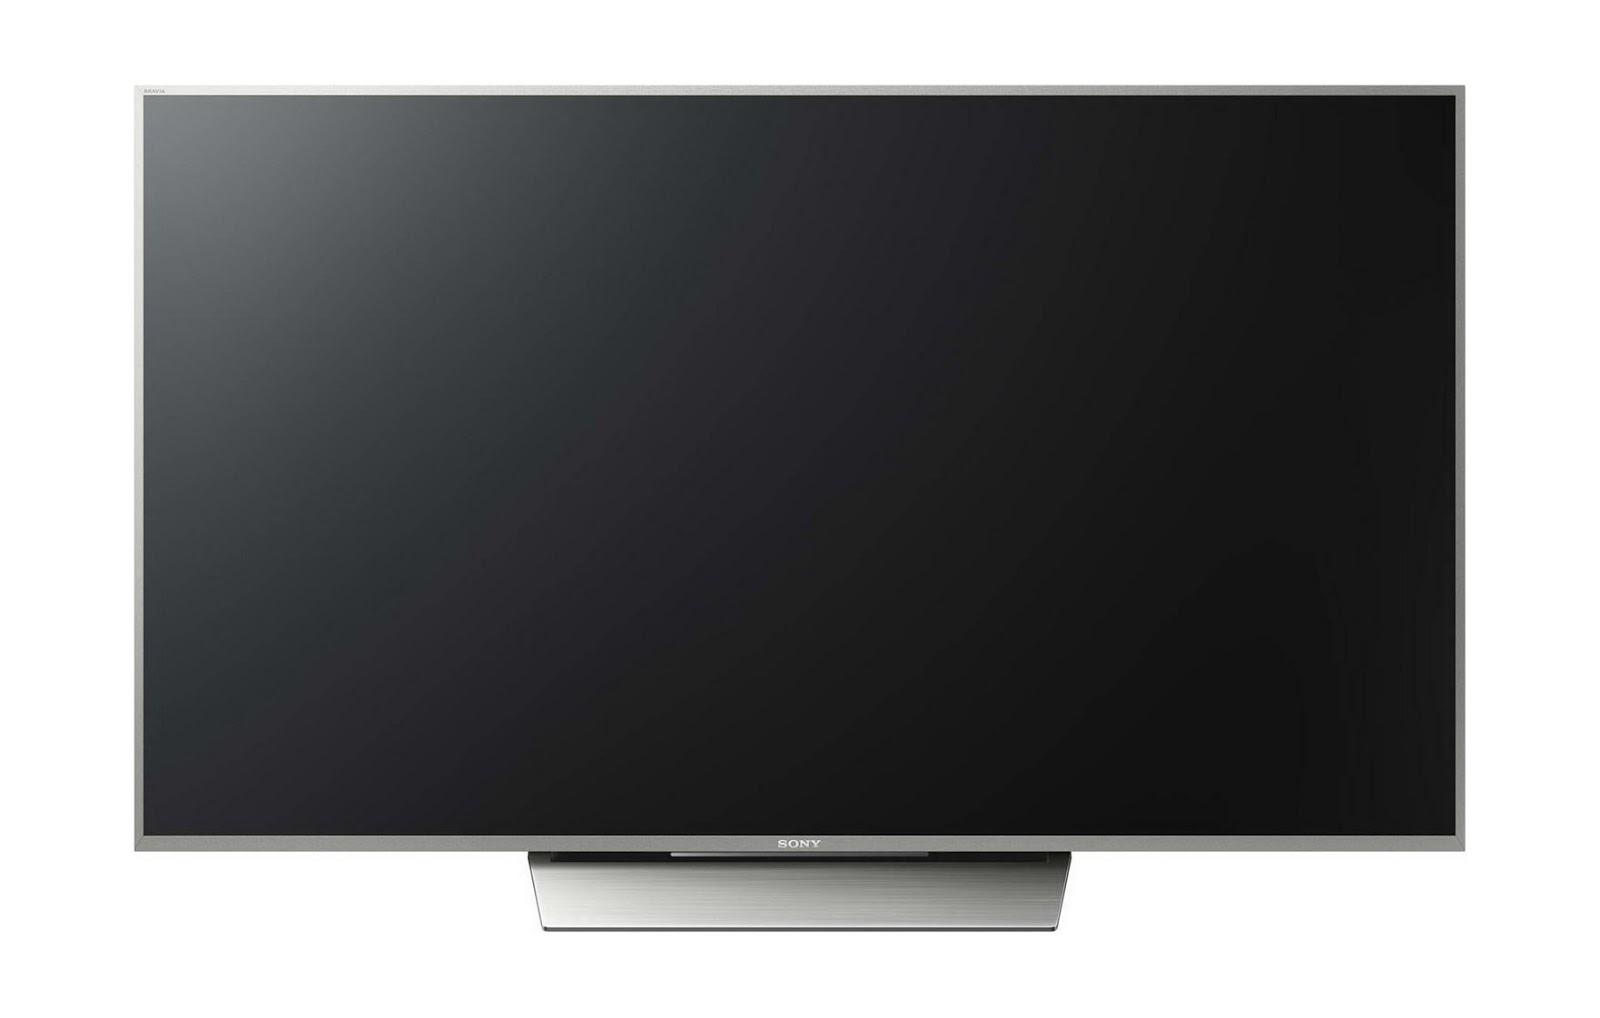 شاشات وتلفزيونات سوني Sony في الإمارات